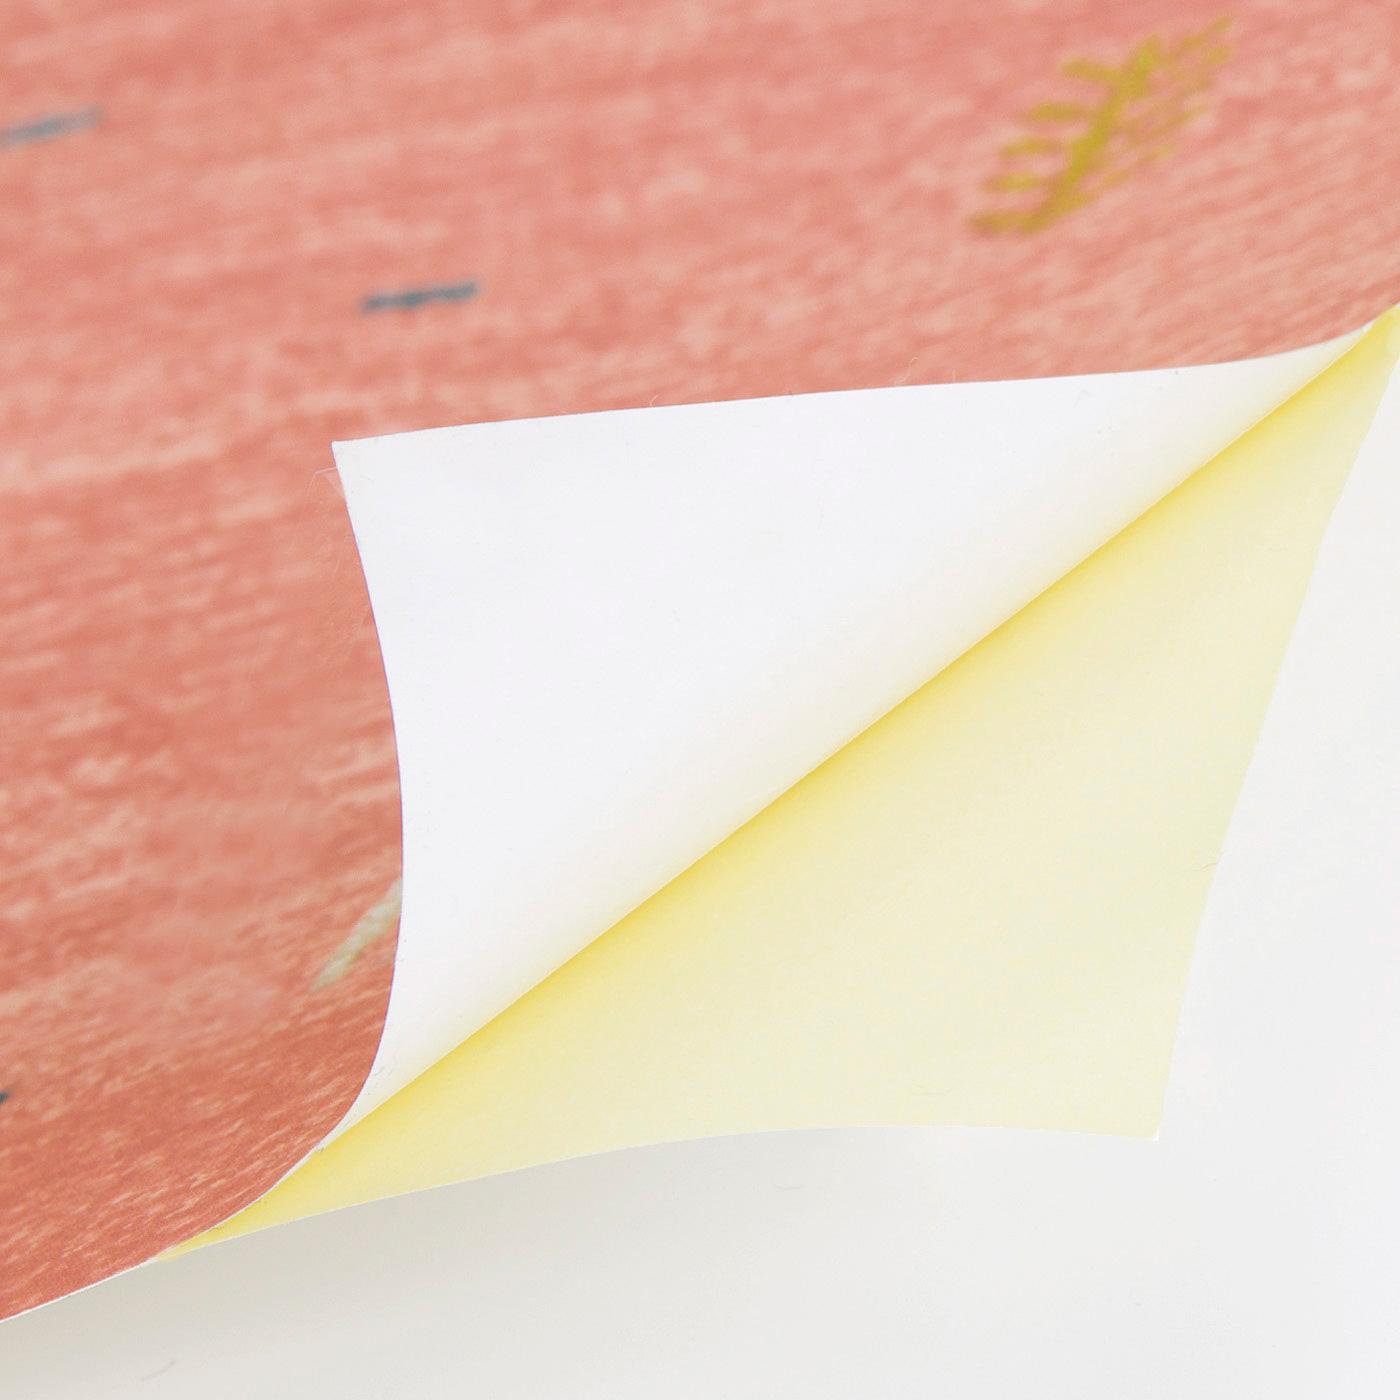 壁にぴったりと貼りつく薄手の上質紙。